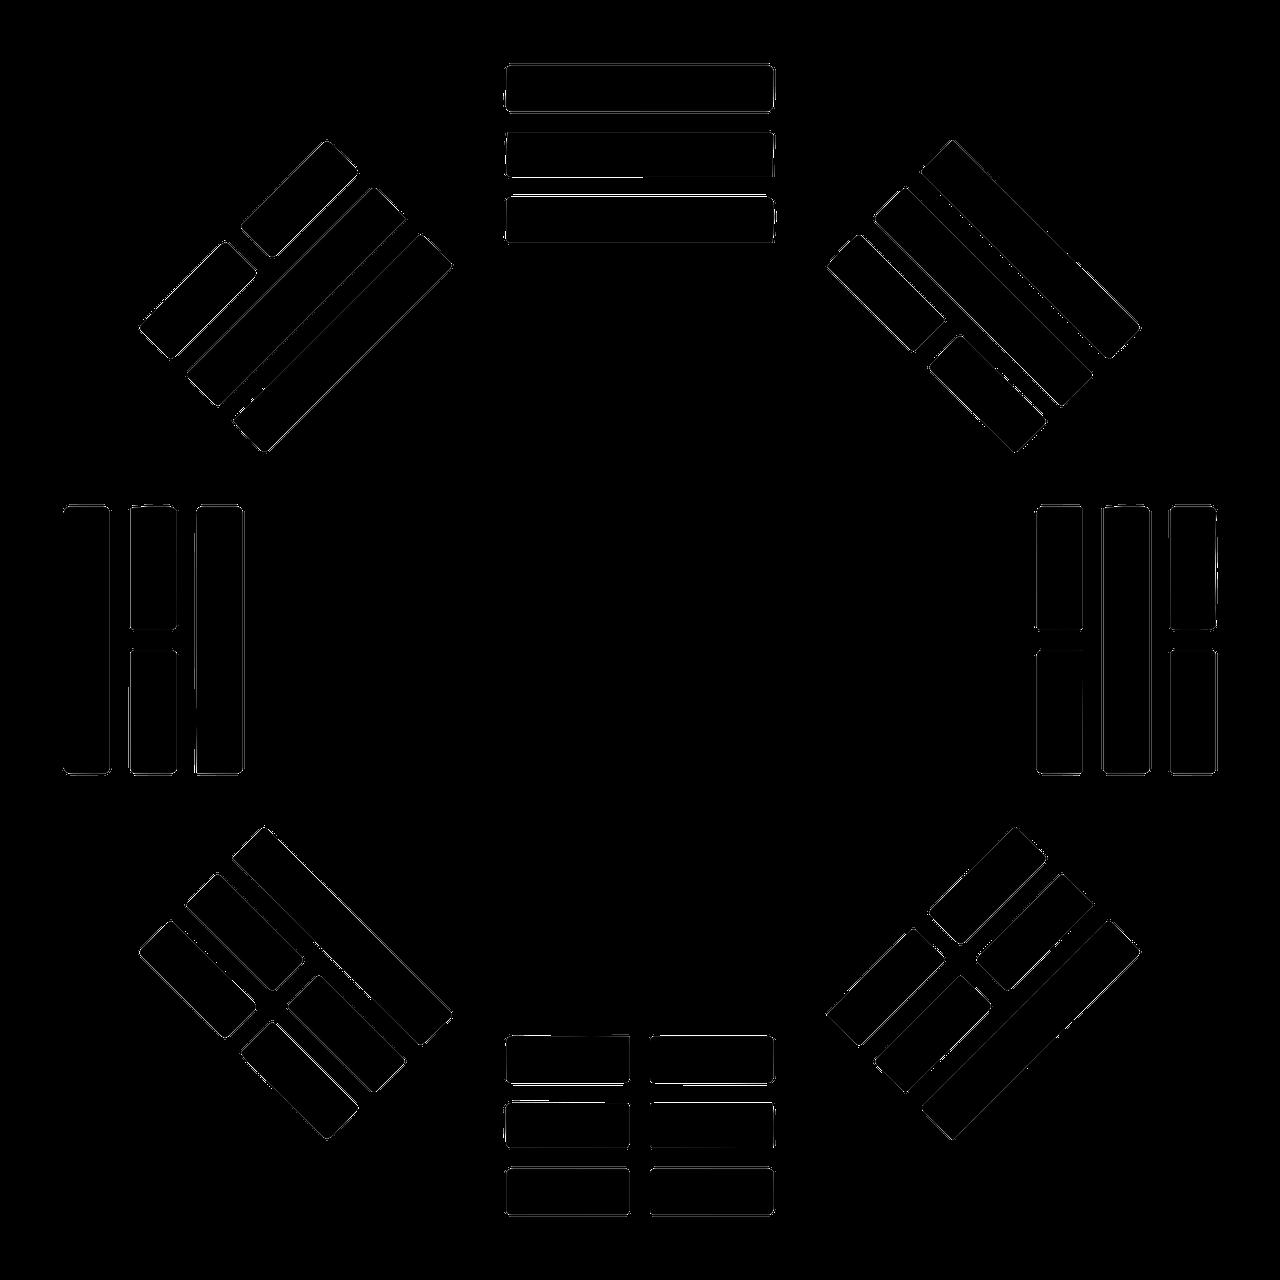 Trigramas del I-Ching, el libro de las mutaciones